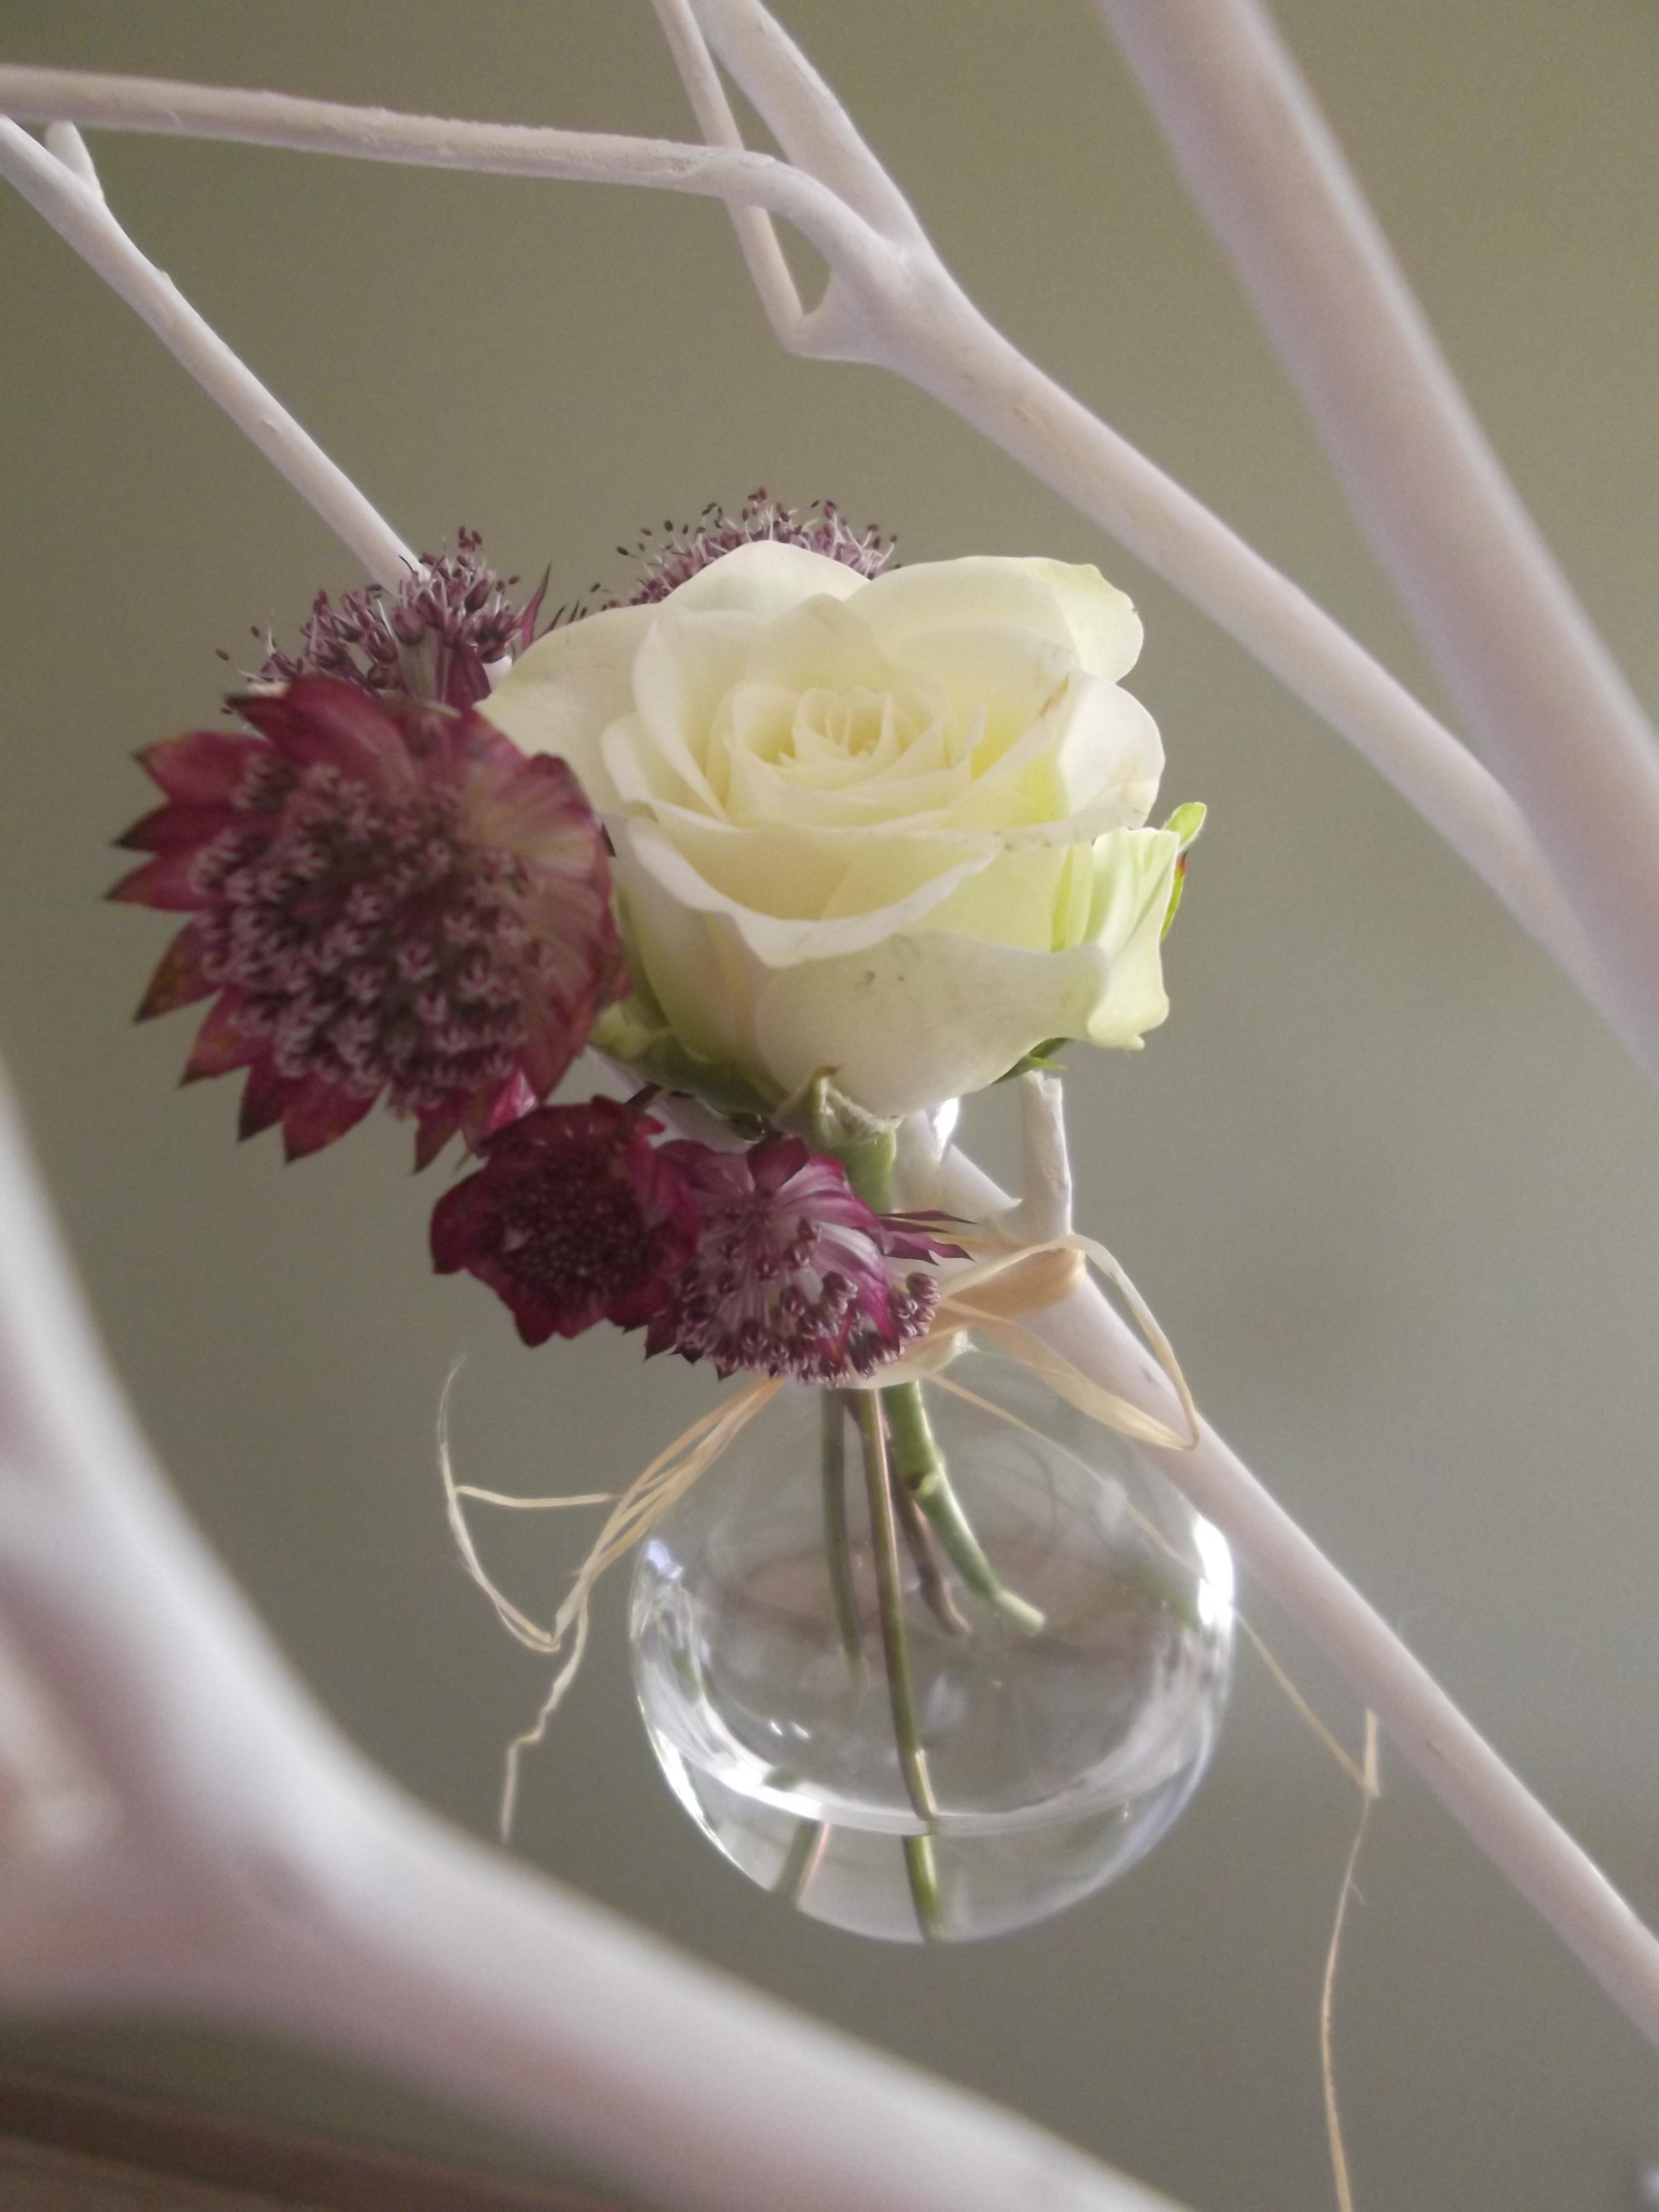 Soliflore rose